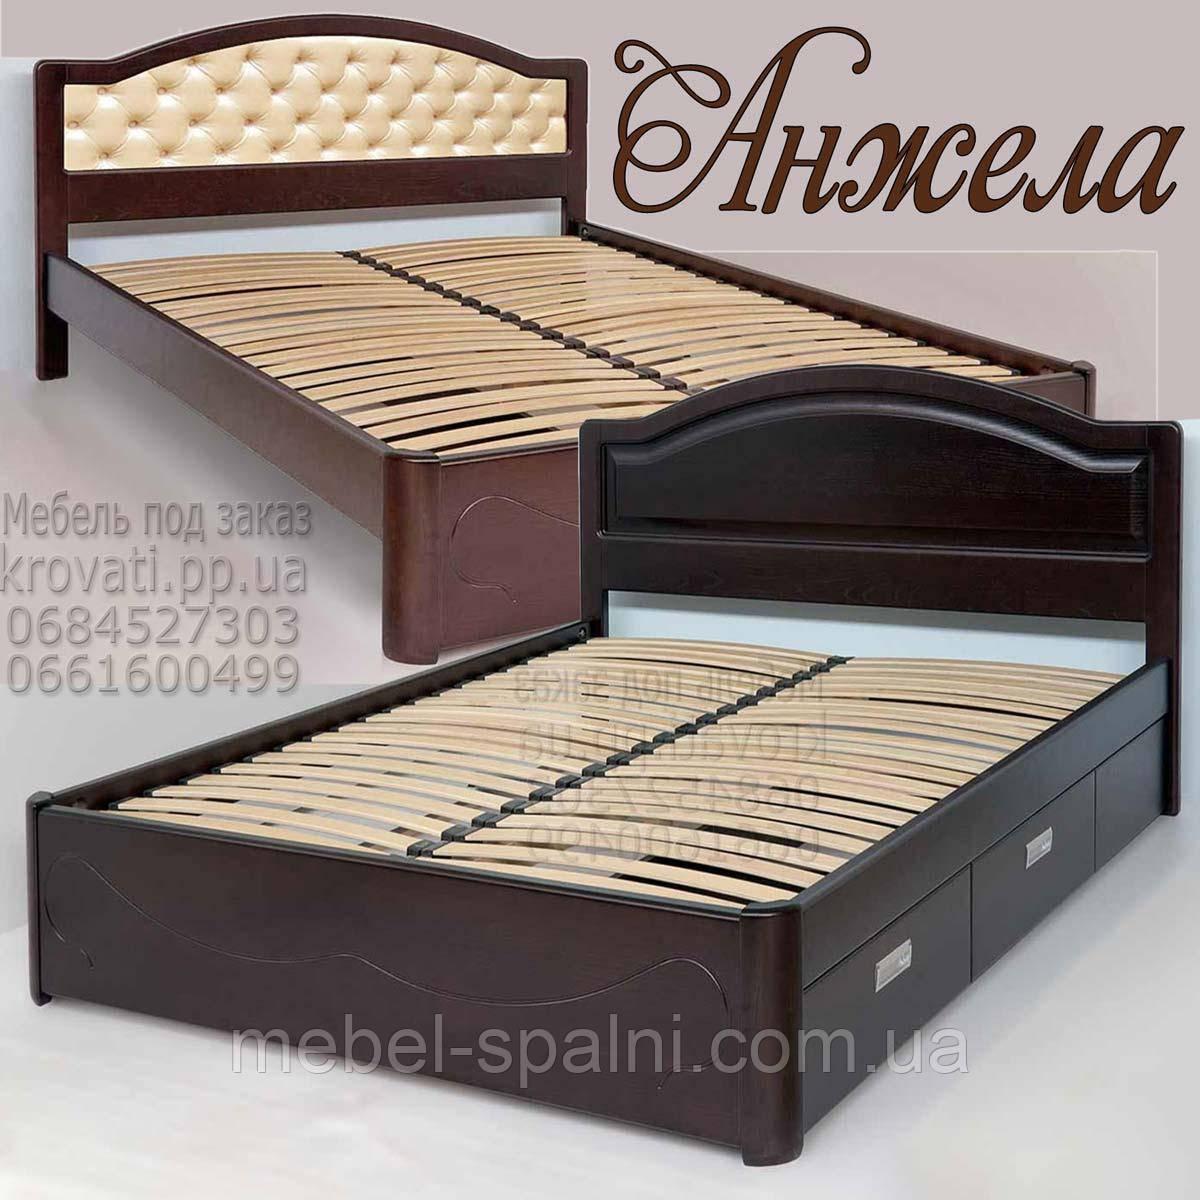 Кровать деревянная «Анжела», фото 1